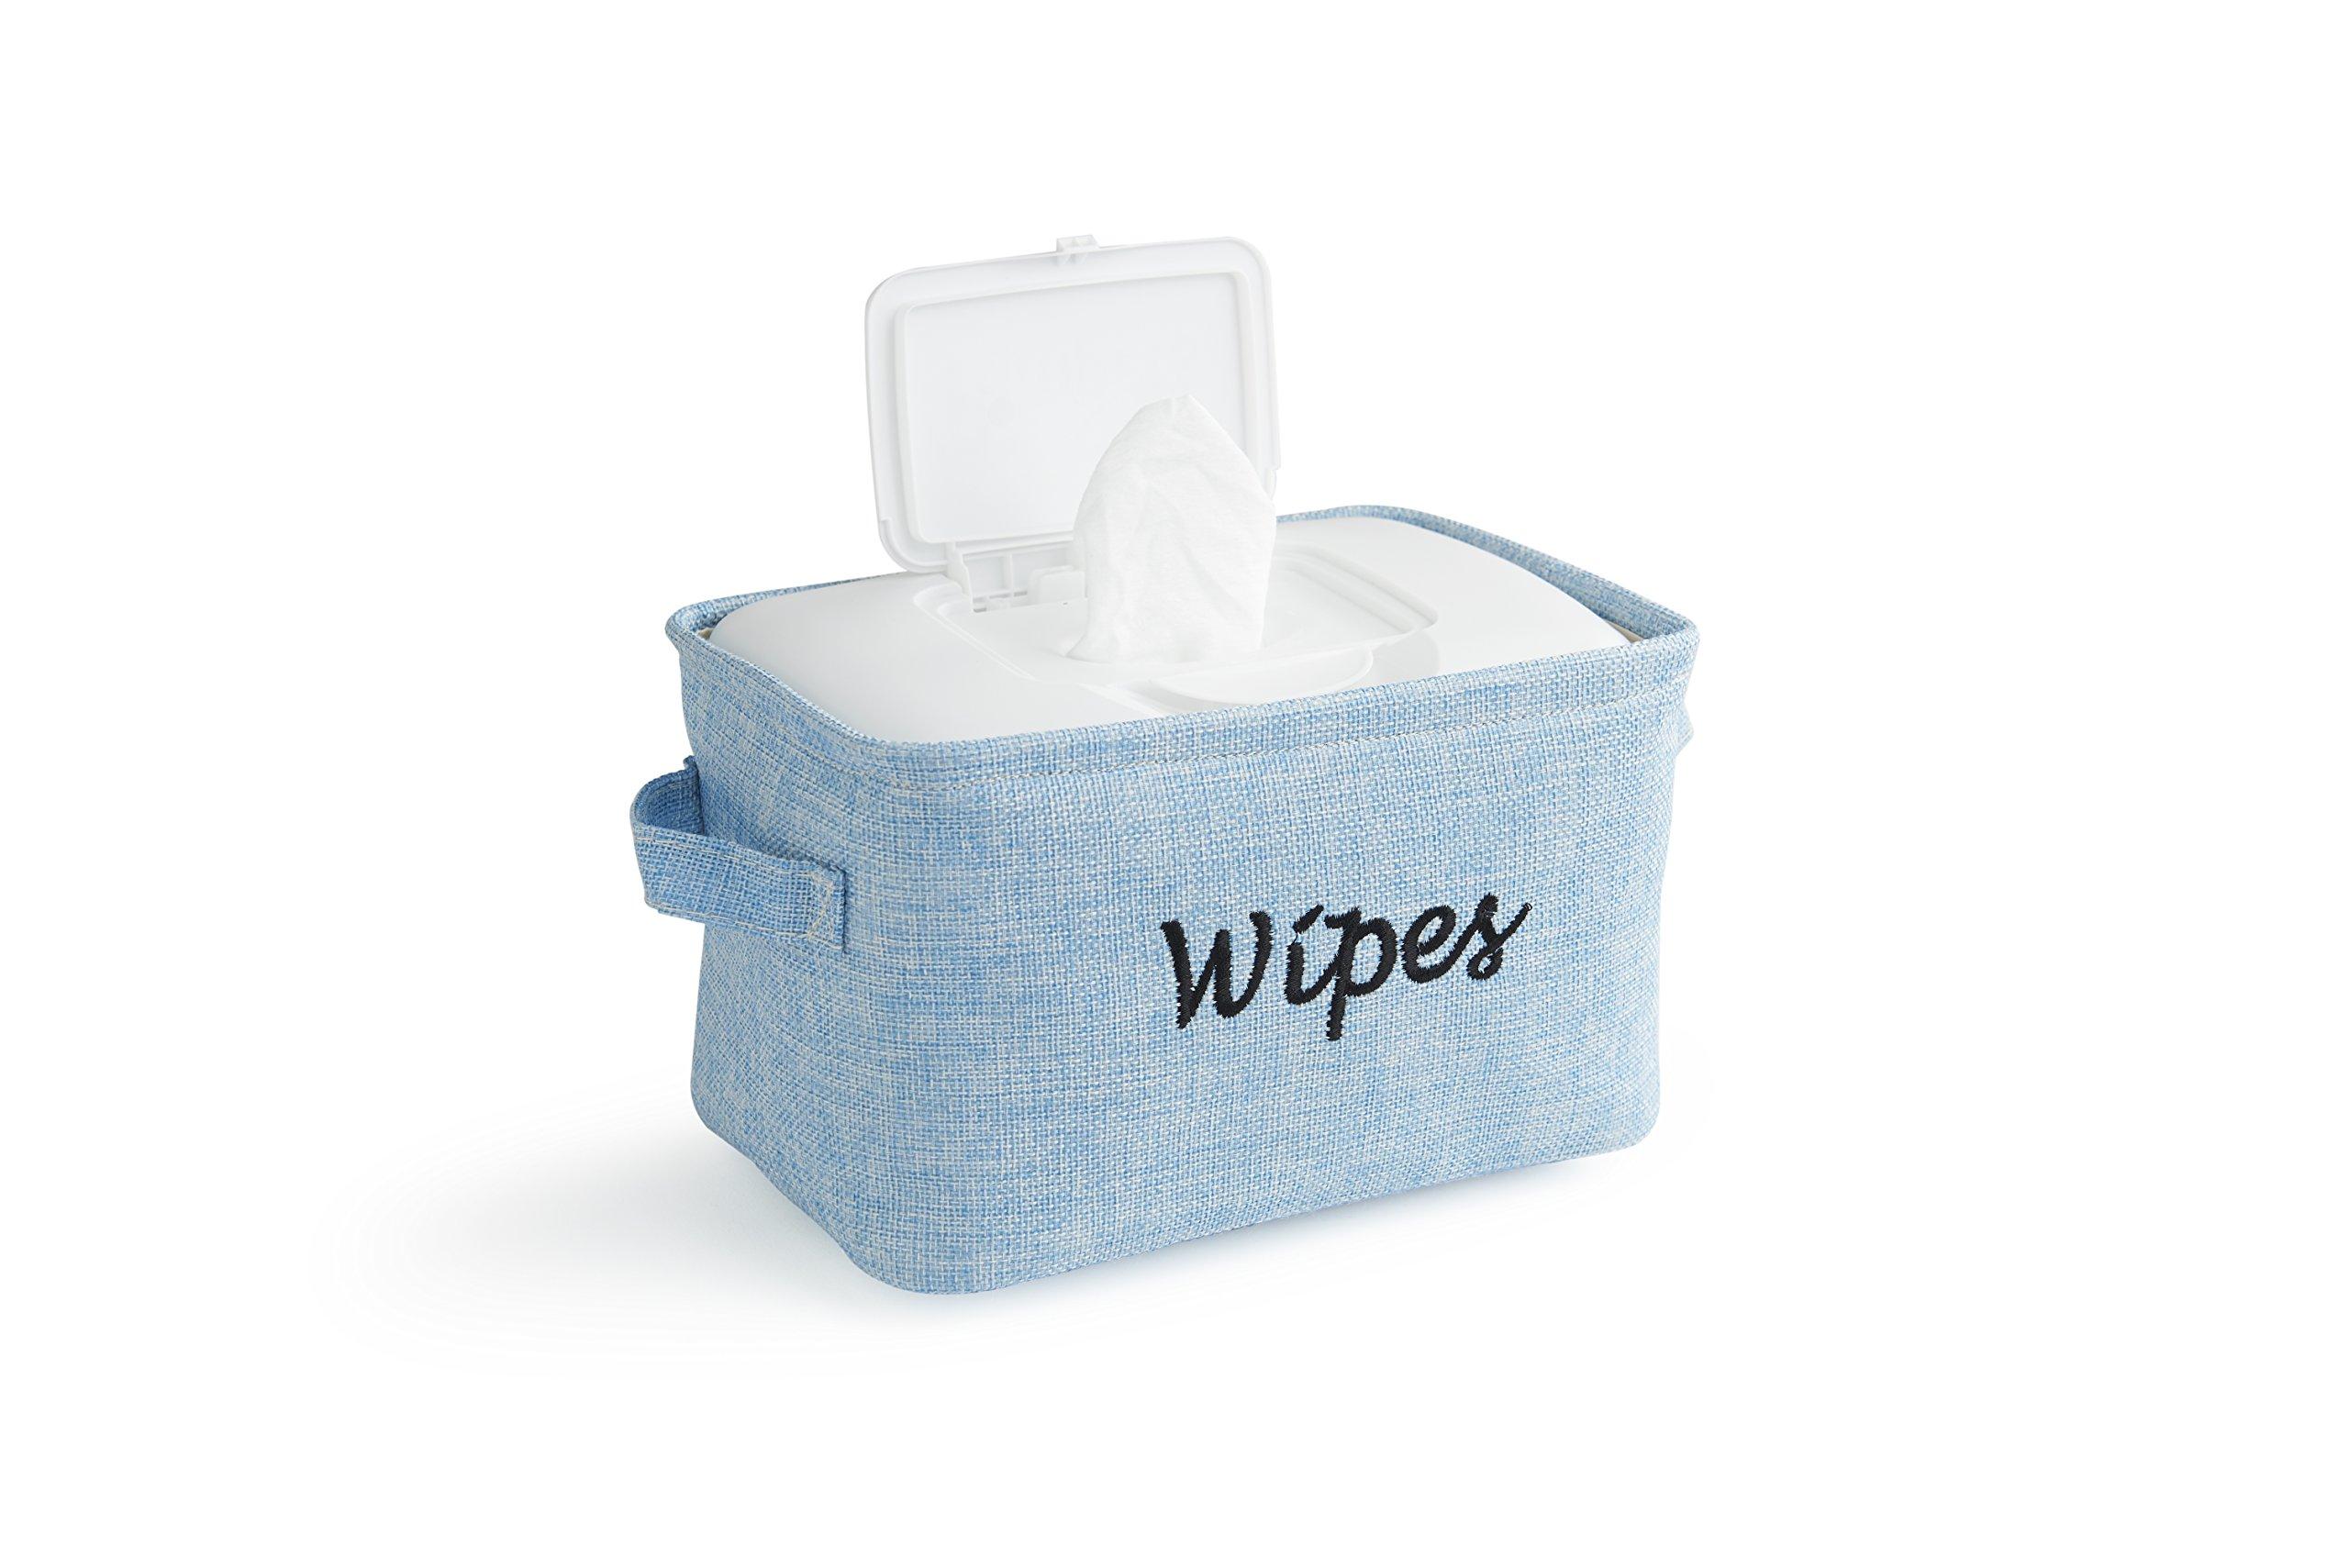 Amazon.com : Dejaroo Baby Diaper Storage Bin - Nursery Organizer ...